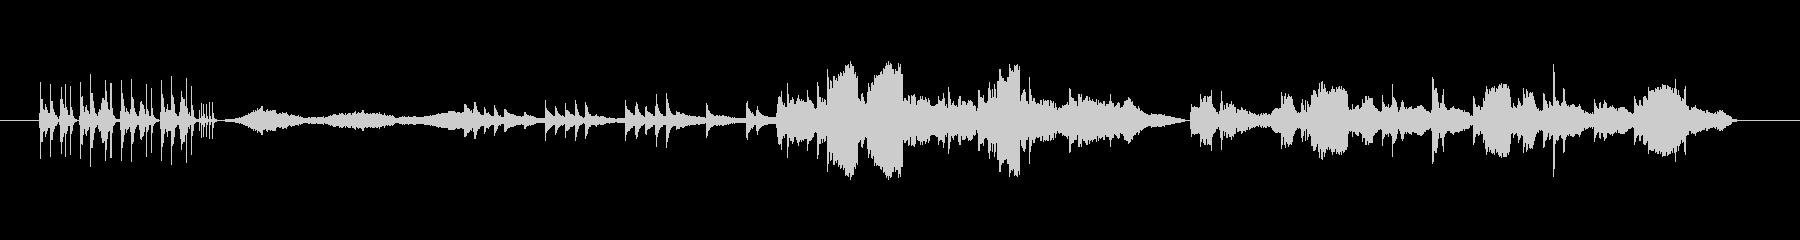 響きが特徴的で独特なメロディーの未再生の波形